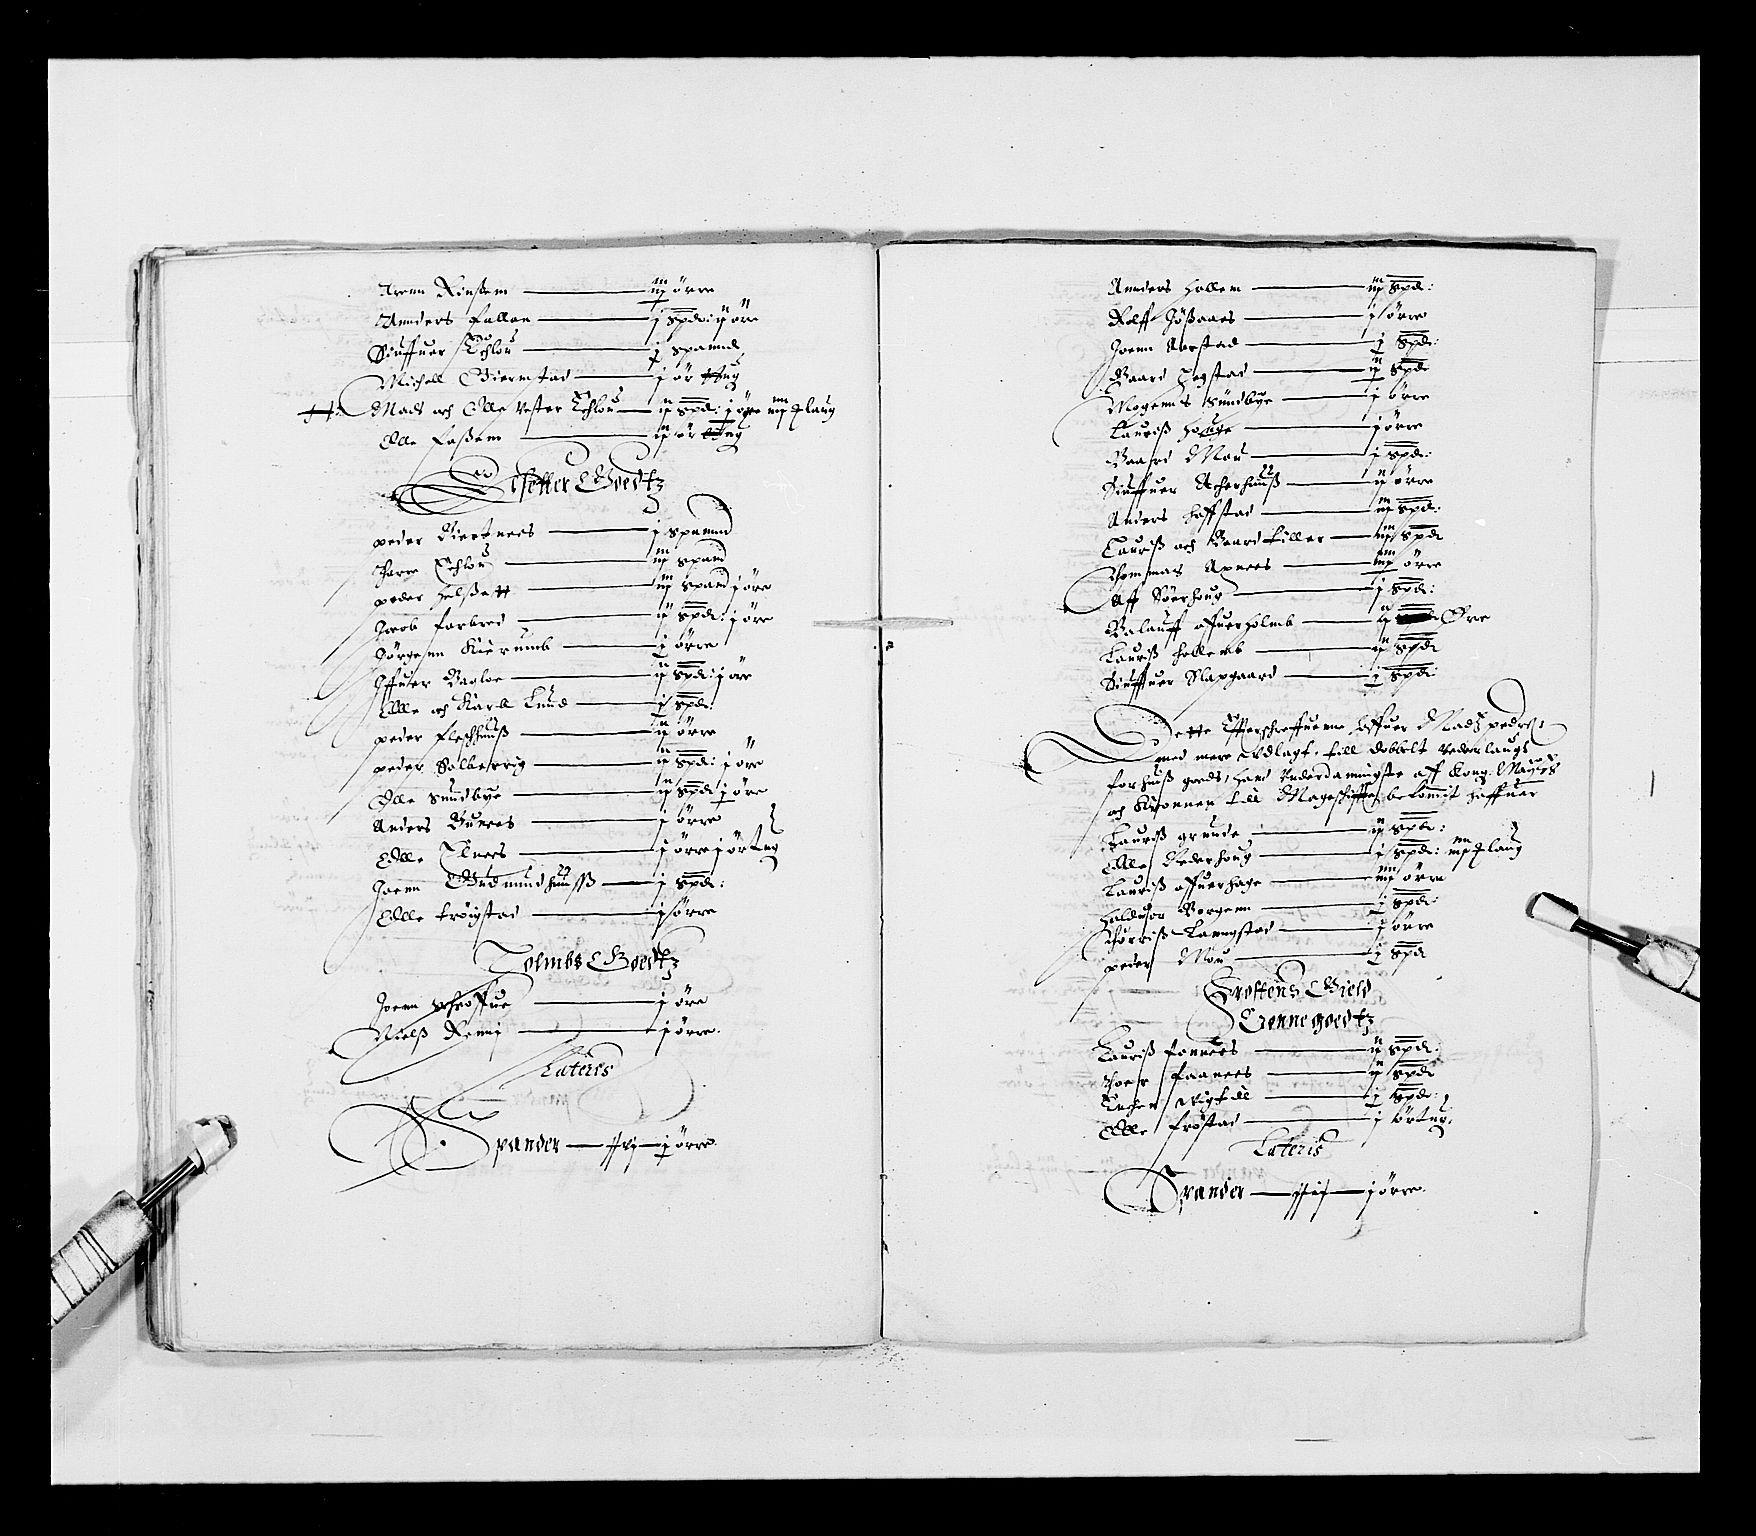 RA, Stattholderembetet 1572-1771, Ek/L0028: Jordebøker 1633-1658:, 1645-1646, s. 157